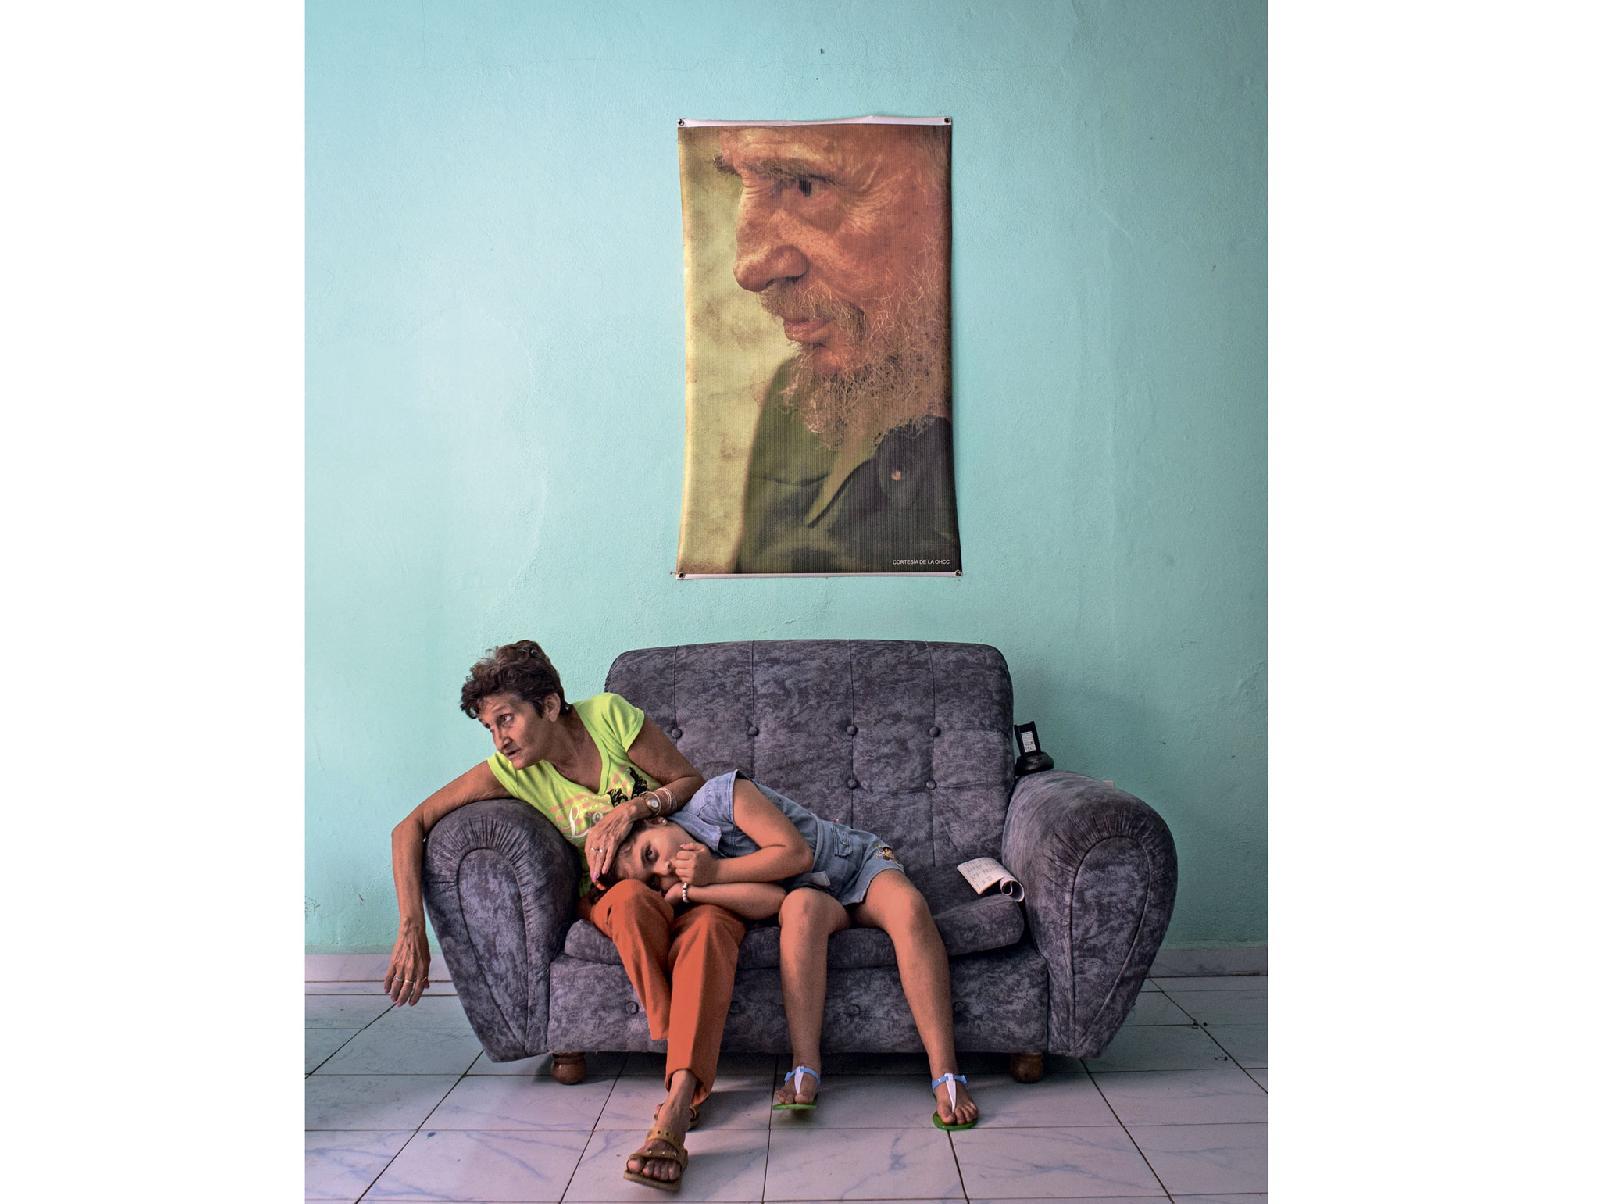 «Верность» — снимок, отмеченный наградой World Press Photo 2017 вноминации «Лица». Вназвании снимка обыгран смысл имени Фидель (отлатинского Fidelis — верный)